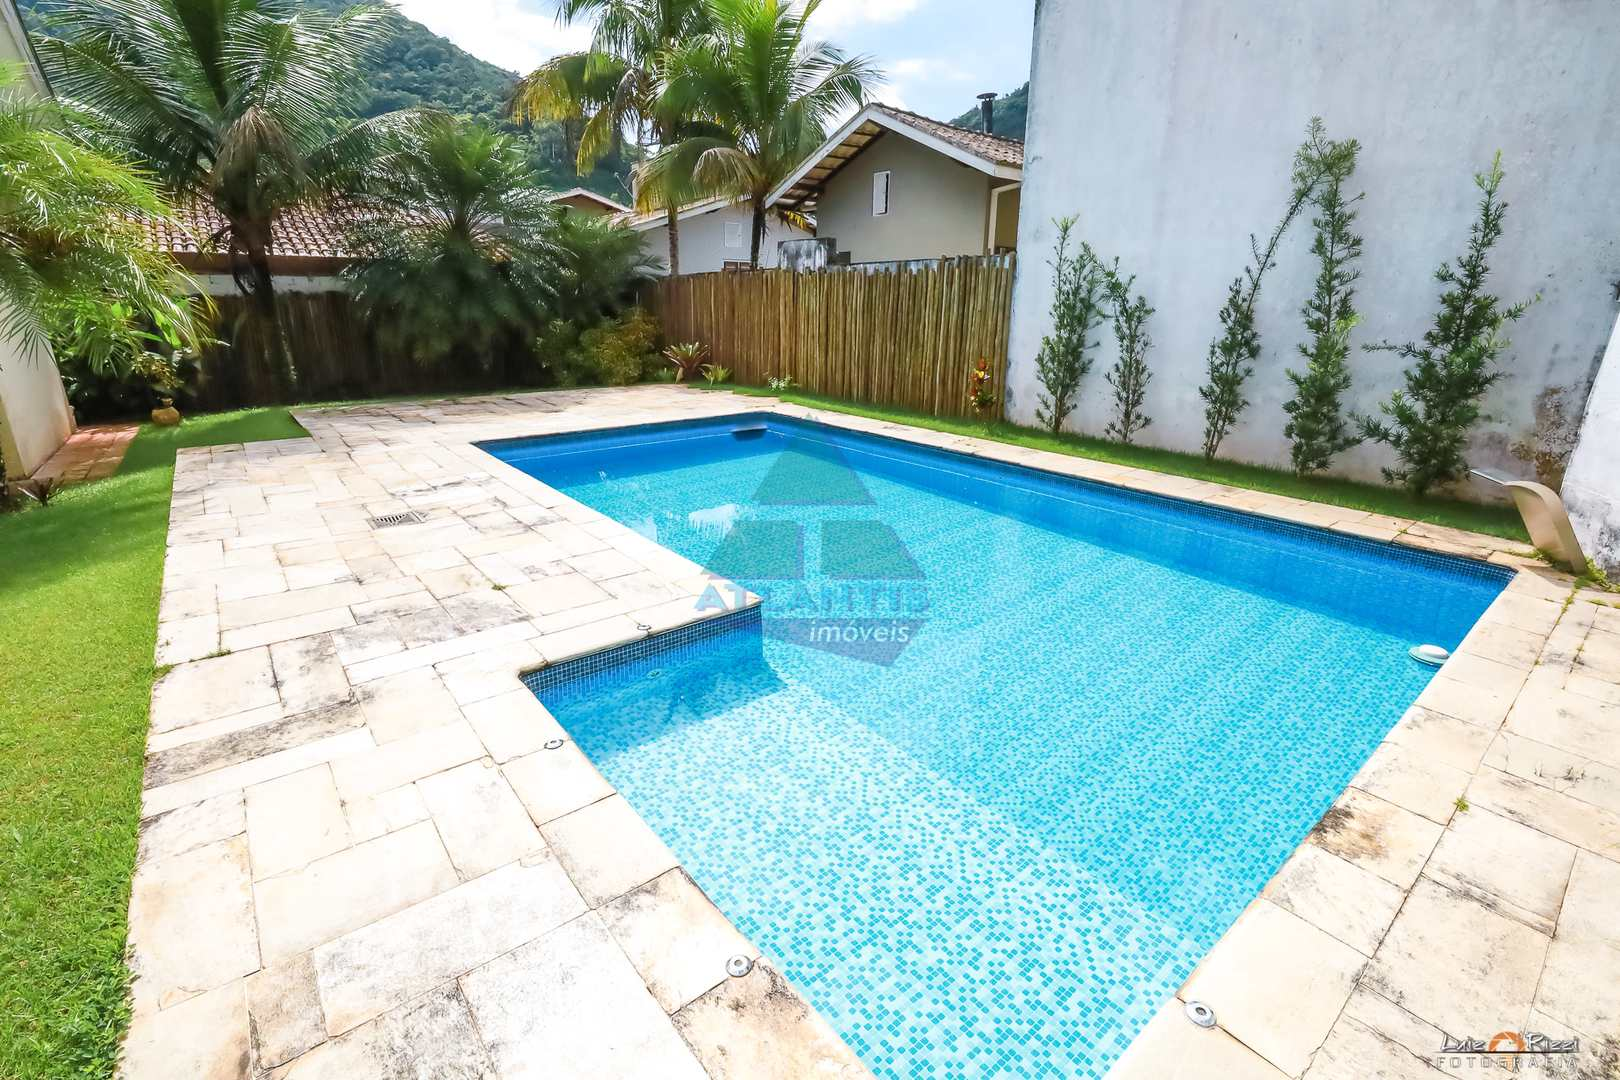 Casa com 3 dorms, Recanto da Lagoinha, Ubatuba - R$ 1.8 mi, Cod: 1378